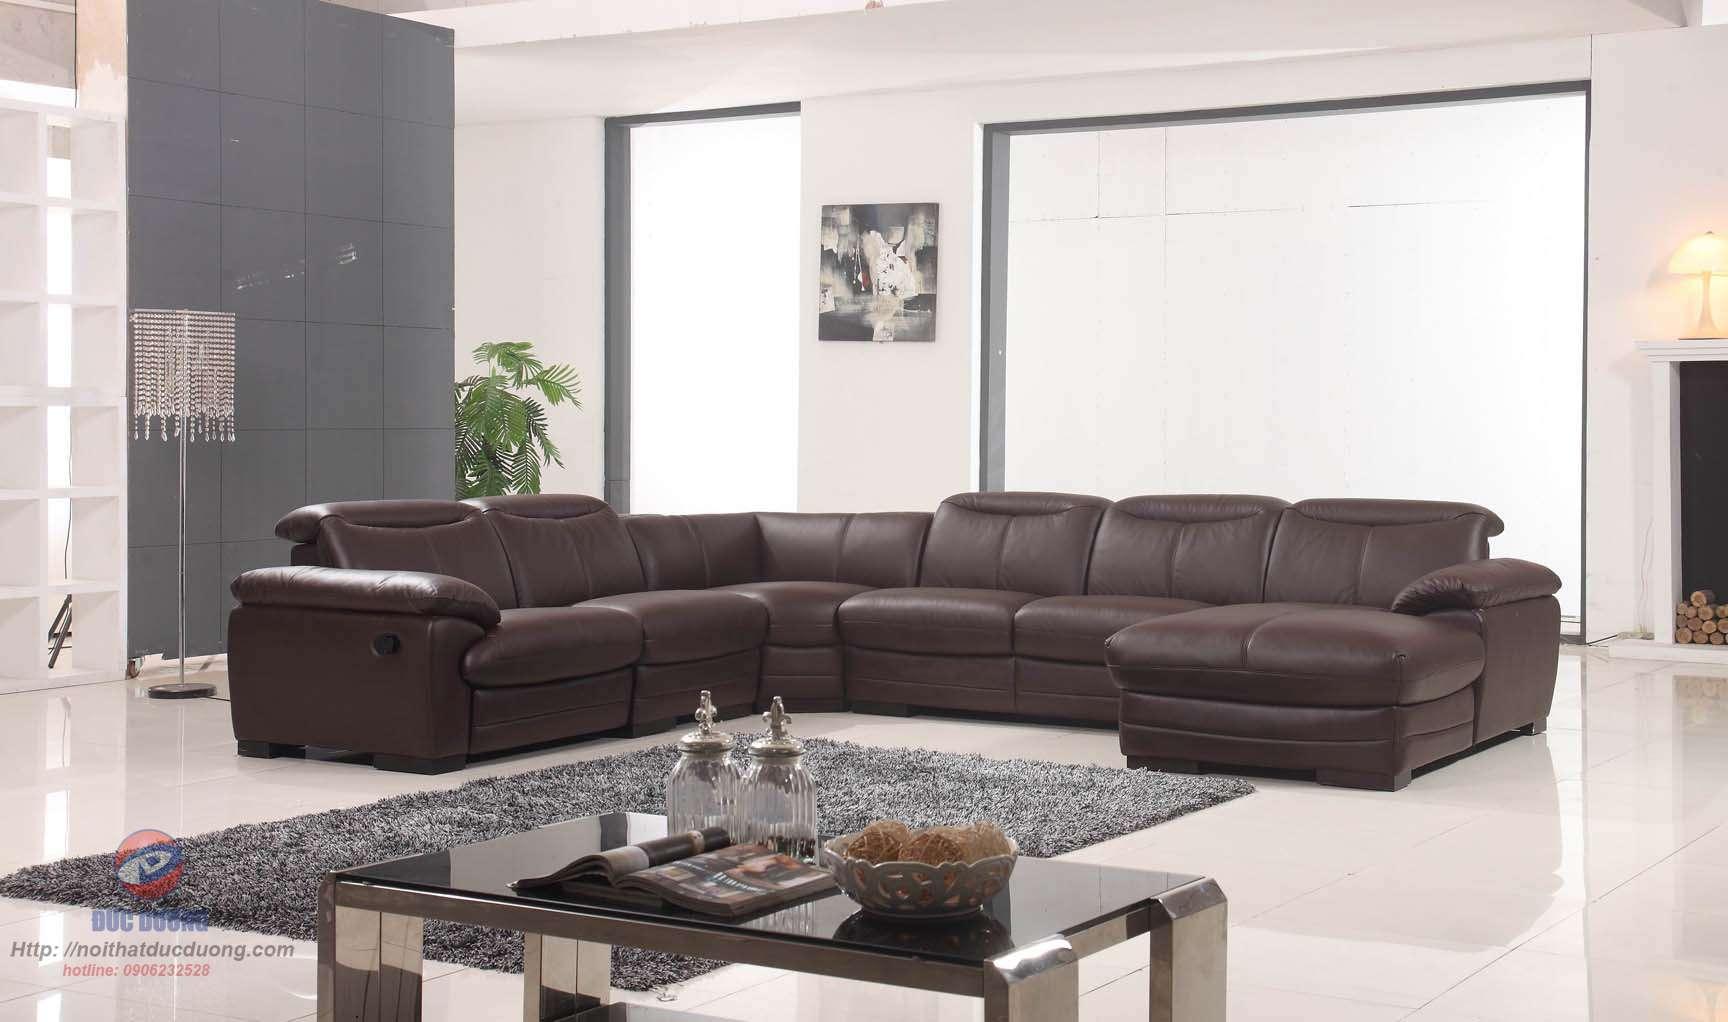 sofa-an-tuong-cho-phong-khach1